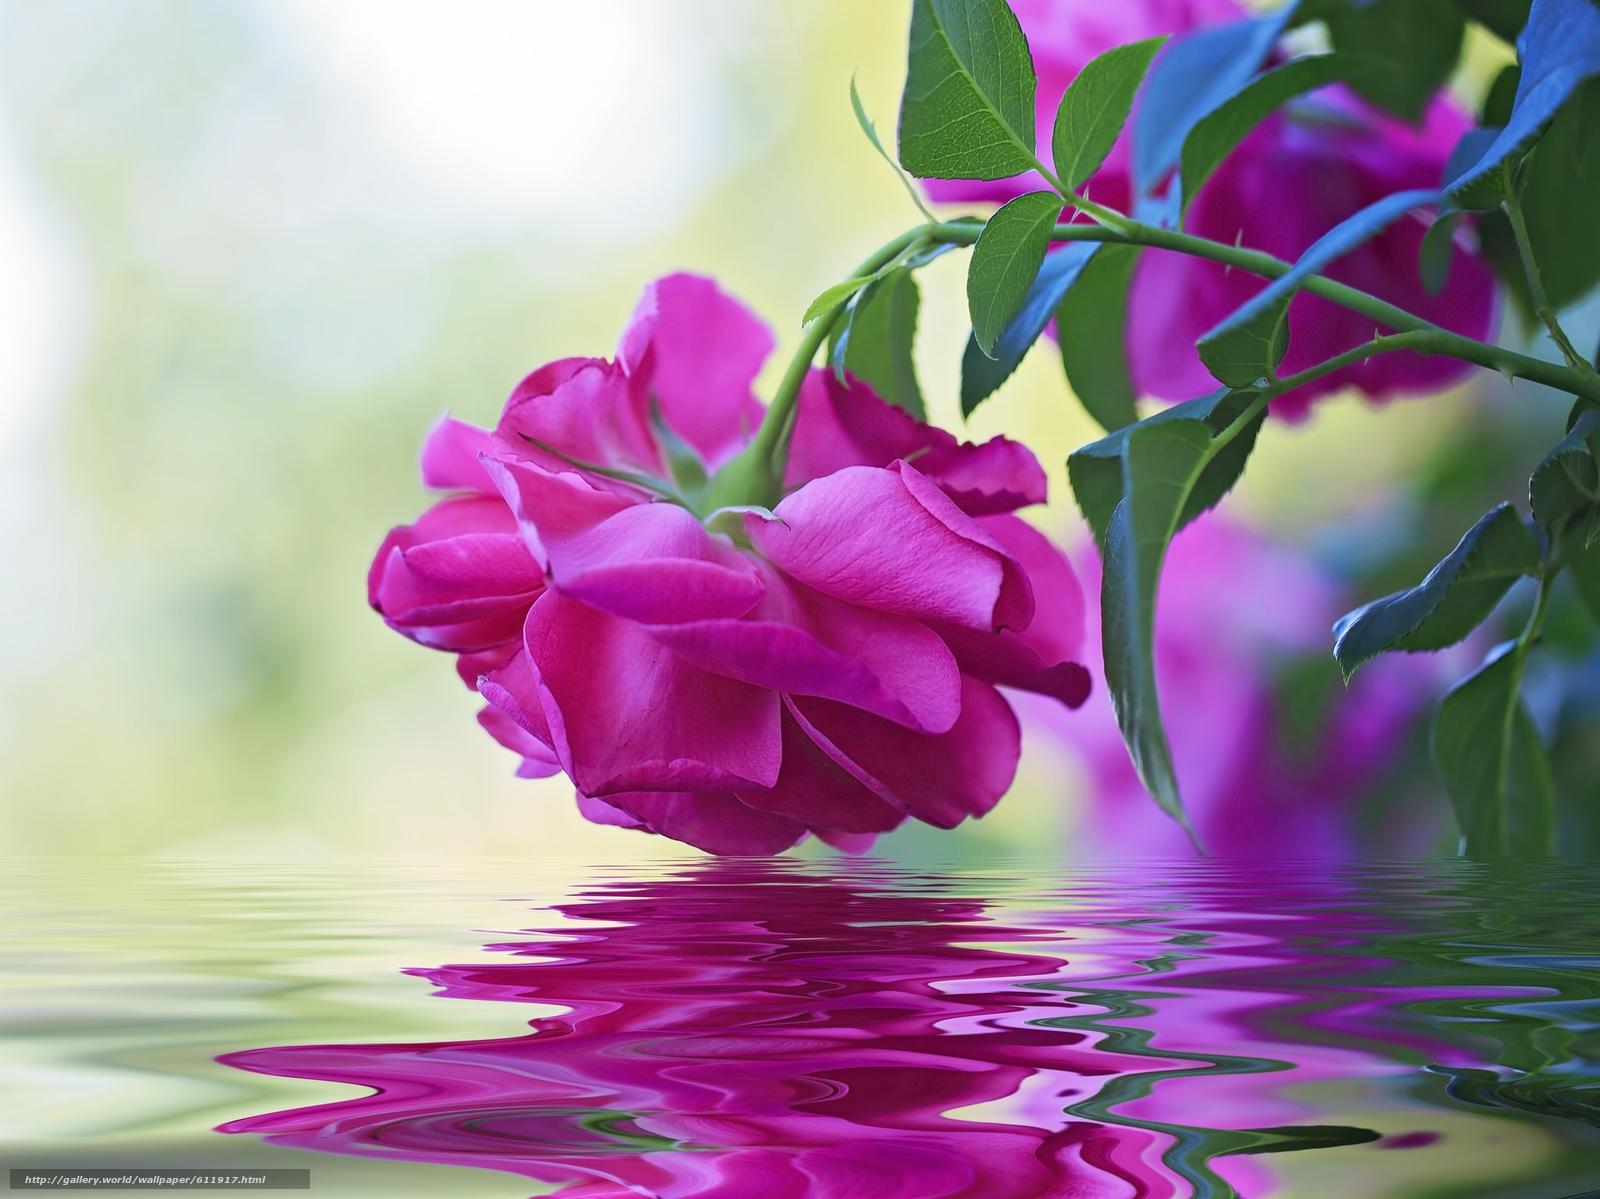 Скачать обои роза,  бутон,  вода,  отражение бесплатно для рабочего стола в разрешении 2048x1535 — картинка №611917